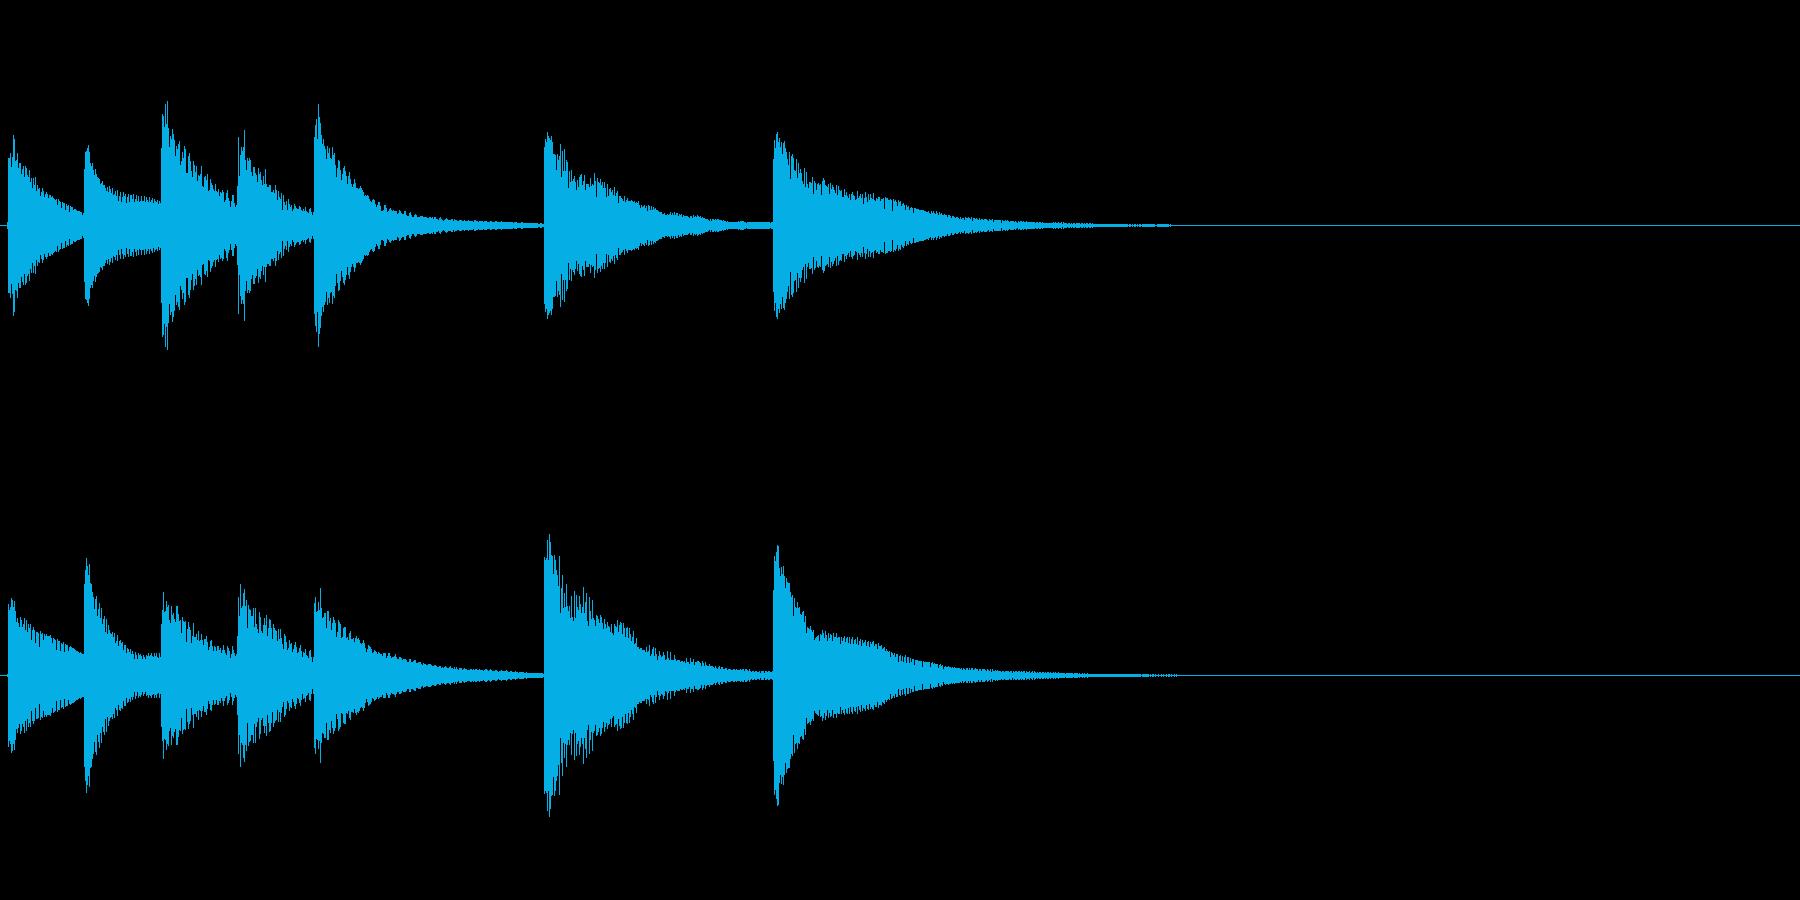 場面転換時用ジングル(BELL)の再生済みの波形